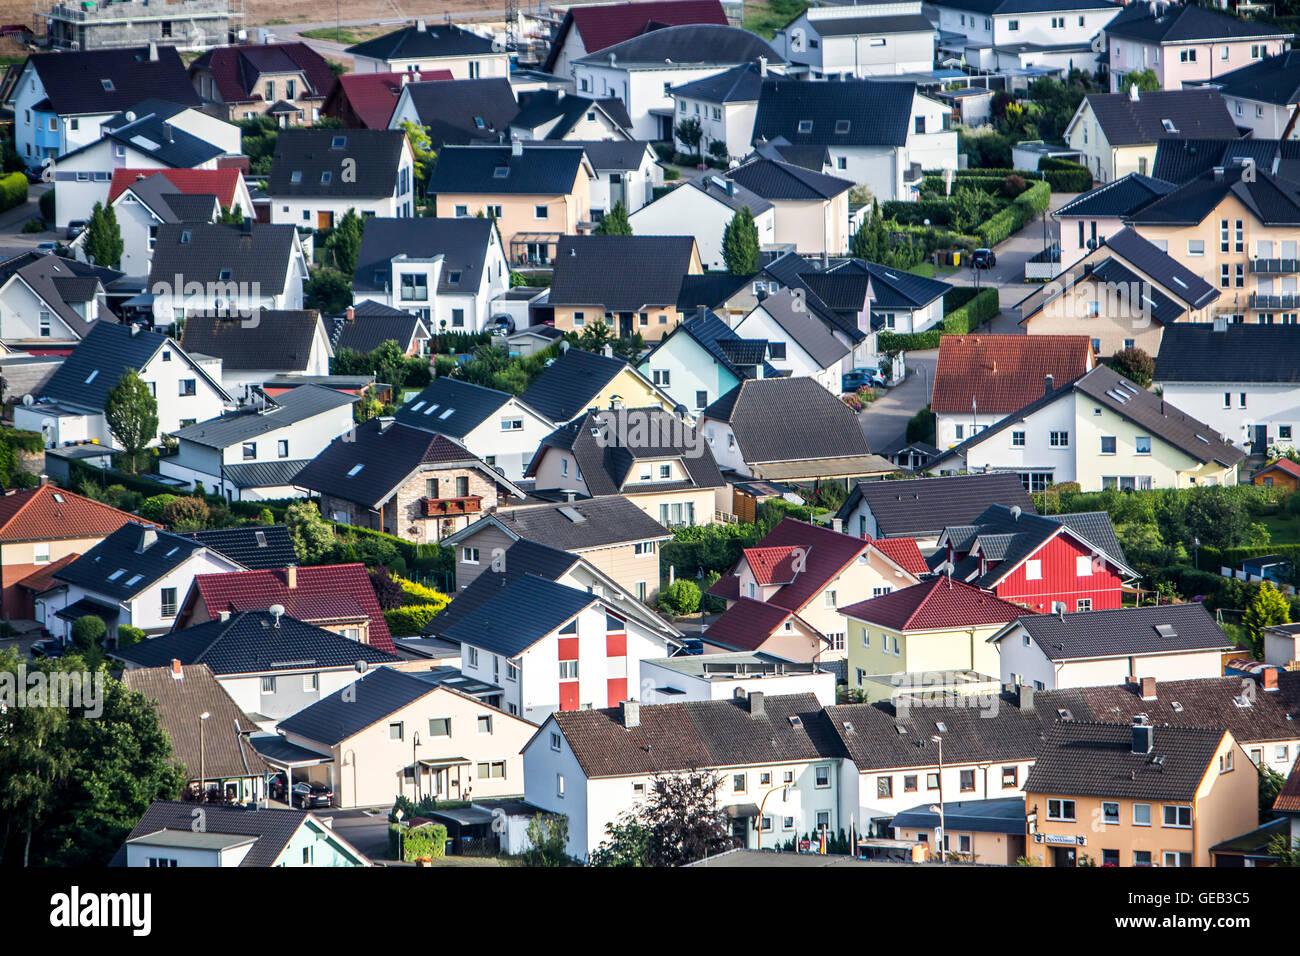 Familie Häuser und Wohnanlagen, Wohnanlage, Wohngegend, Remagen, Deutschland Stockbild